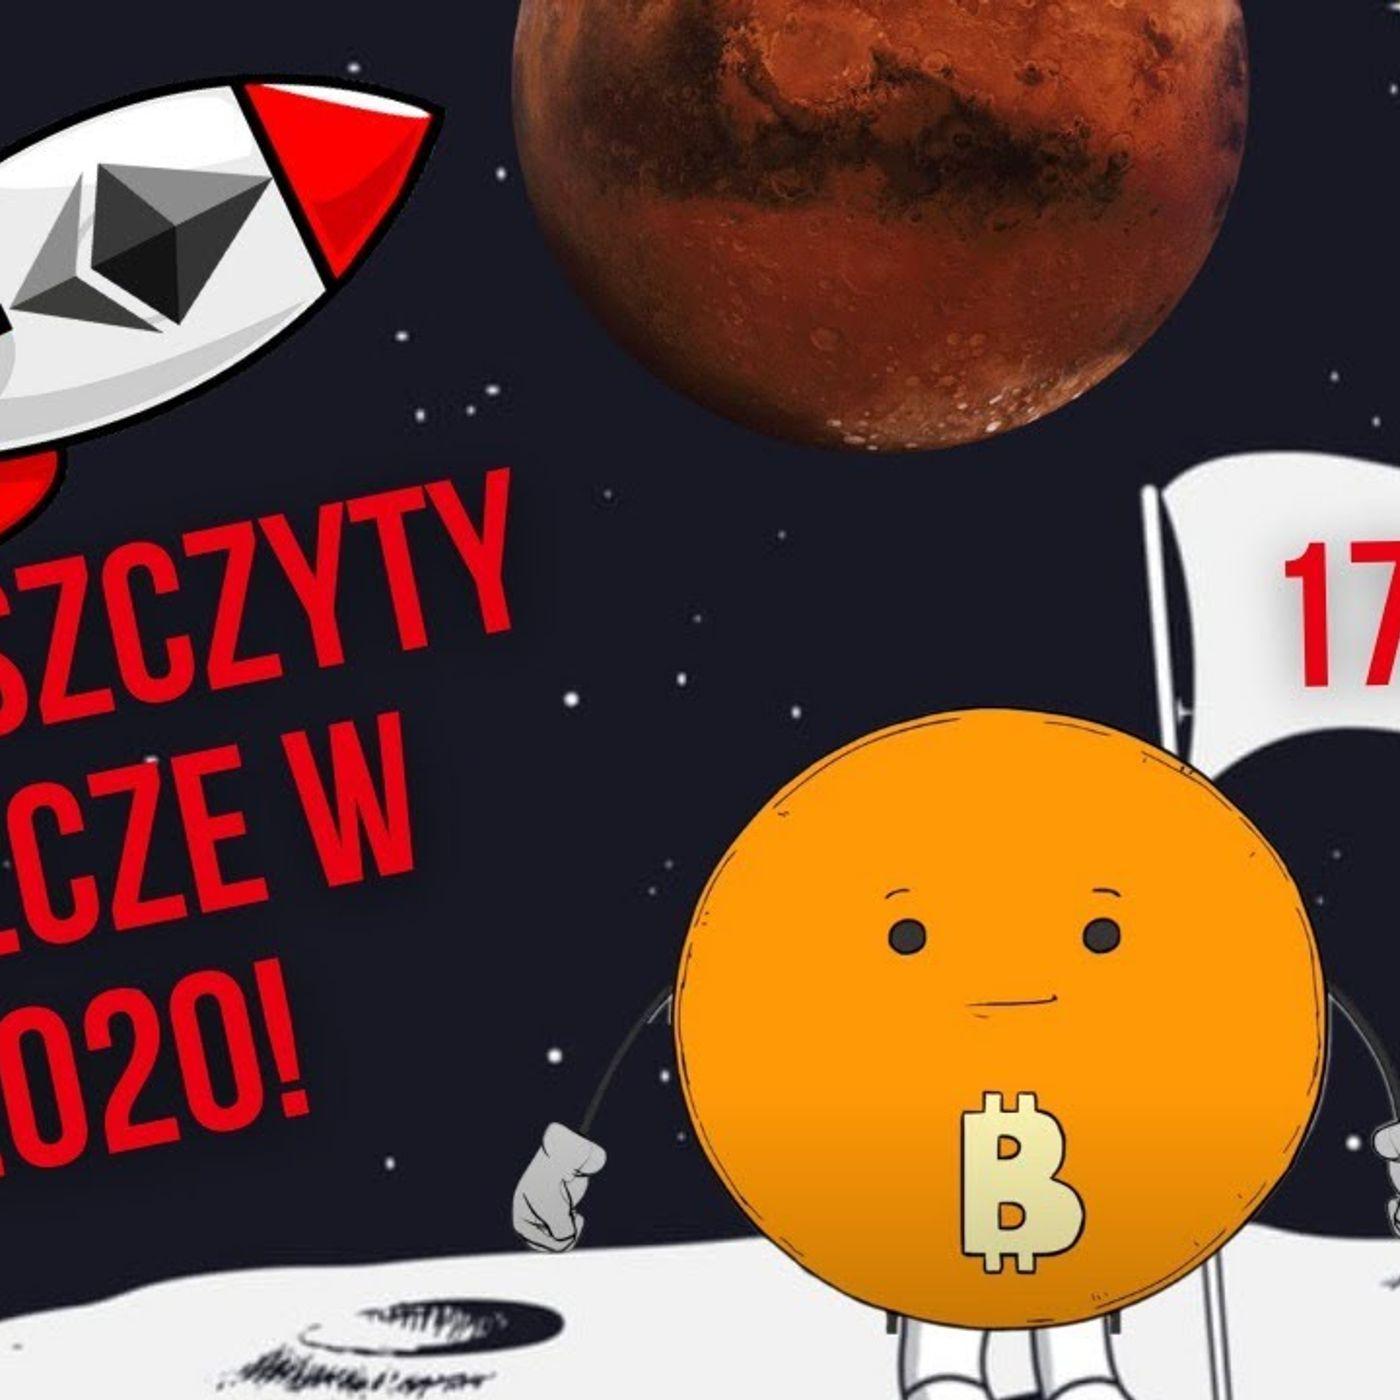 CO TAM W SIECI #148 | 05.11.2020 | To the moon! Wszyscy chcą kupić BITCOIN i ETHEREUM. Ostatnia szansa na wejście czy podstępna pułapka